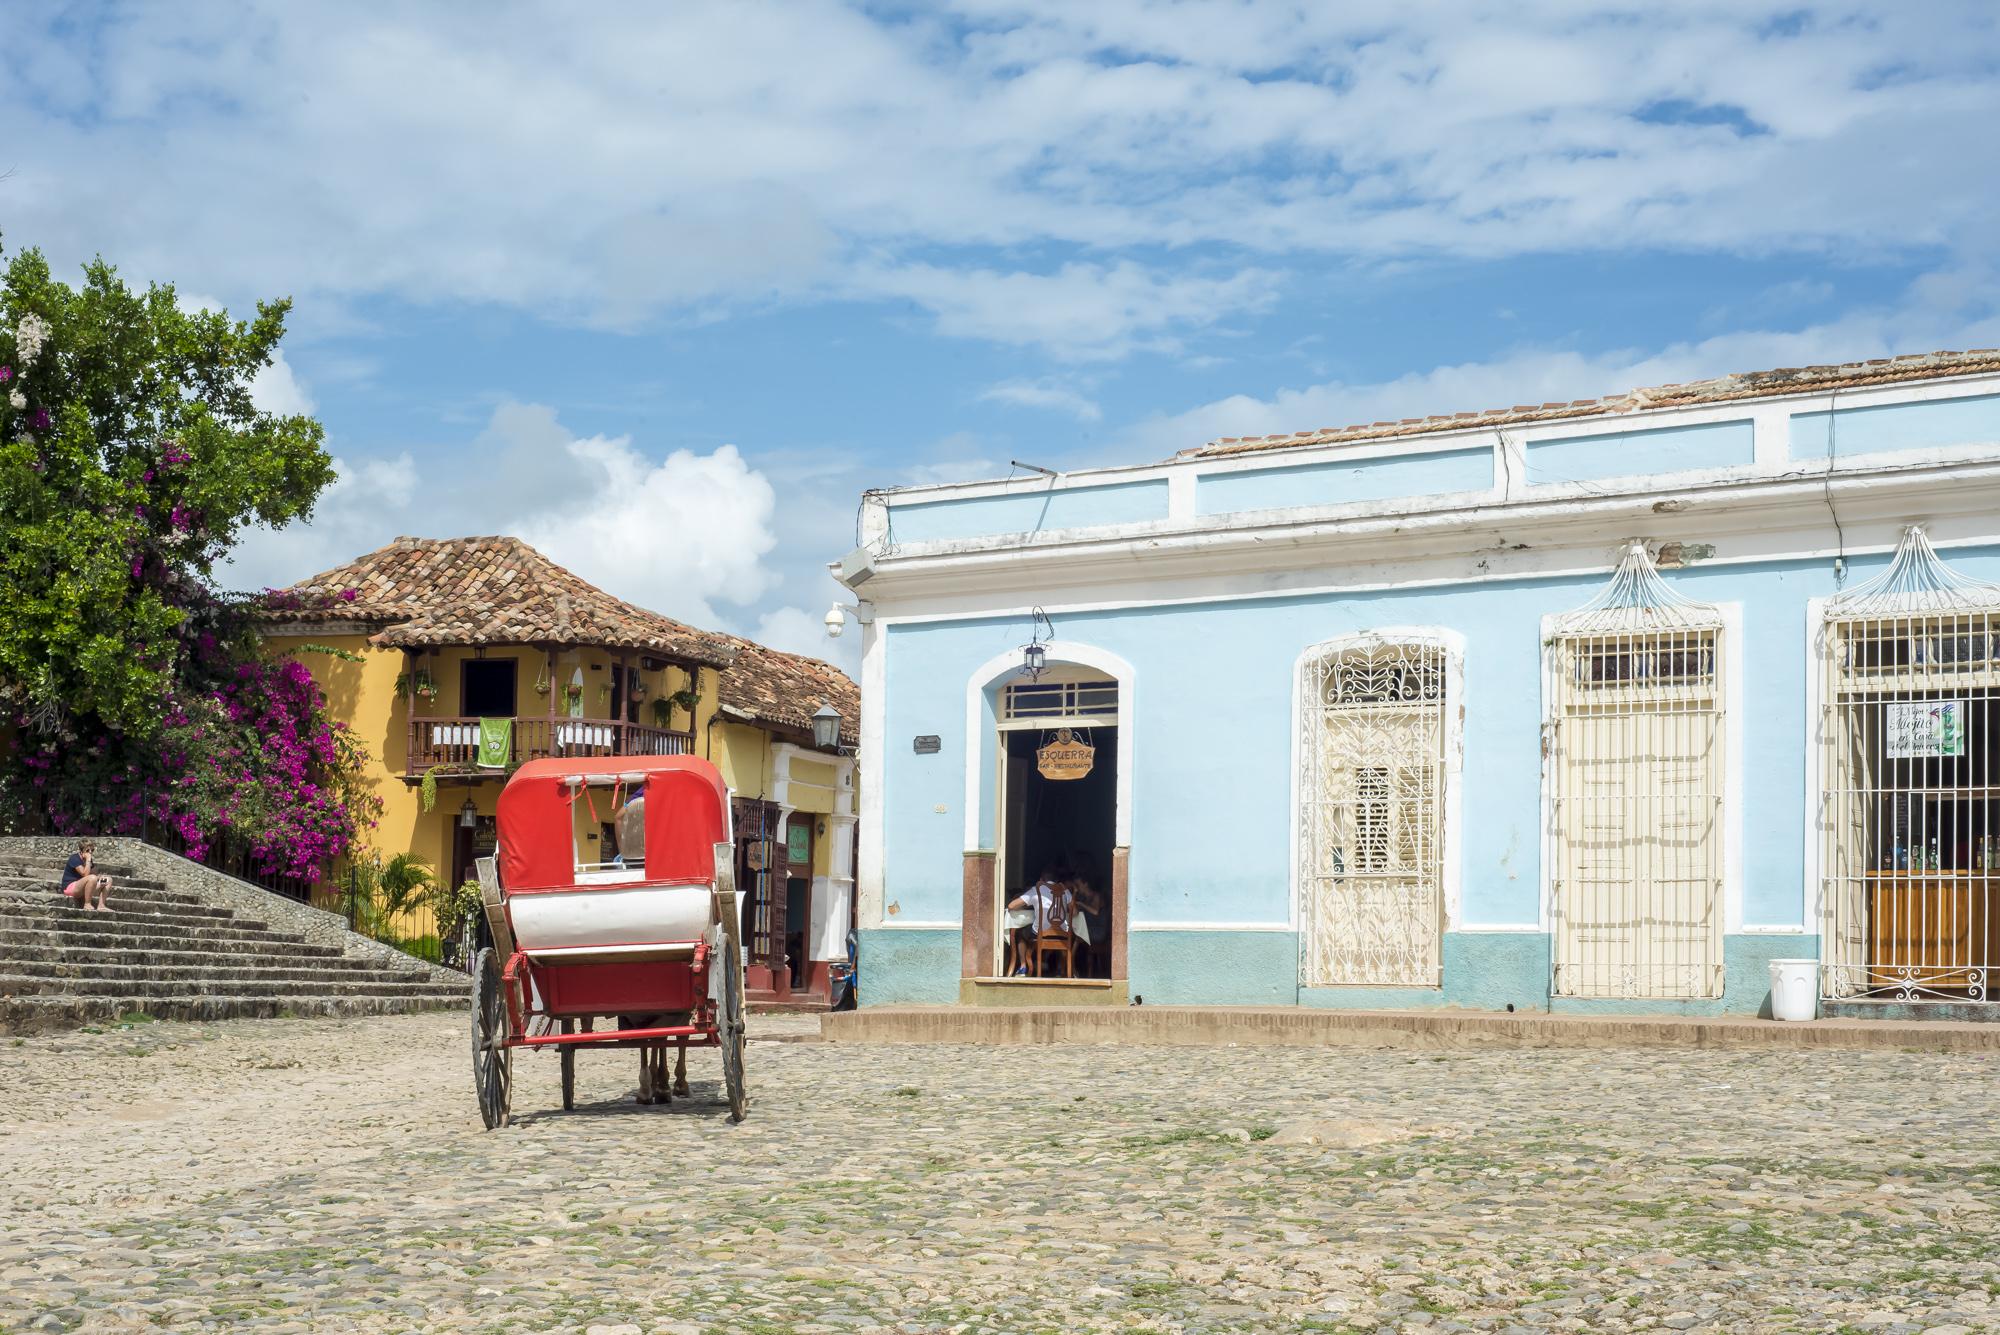 Cuba-8428.jpg